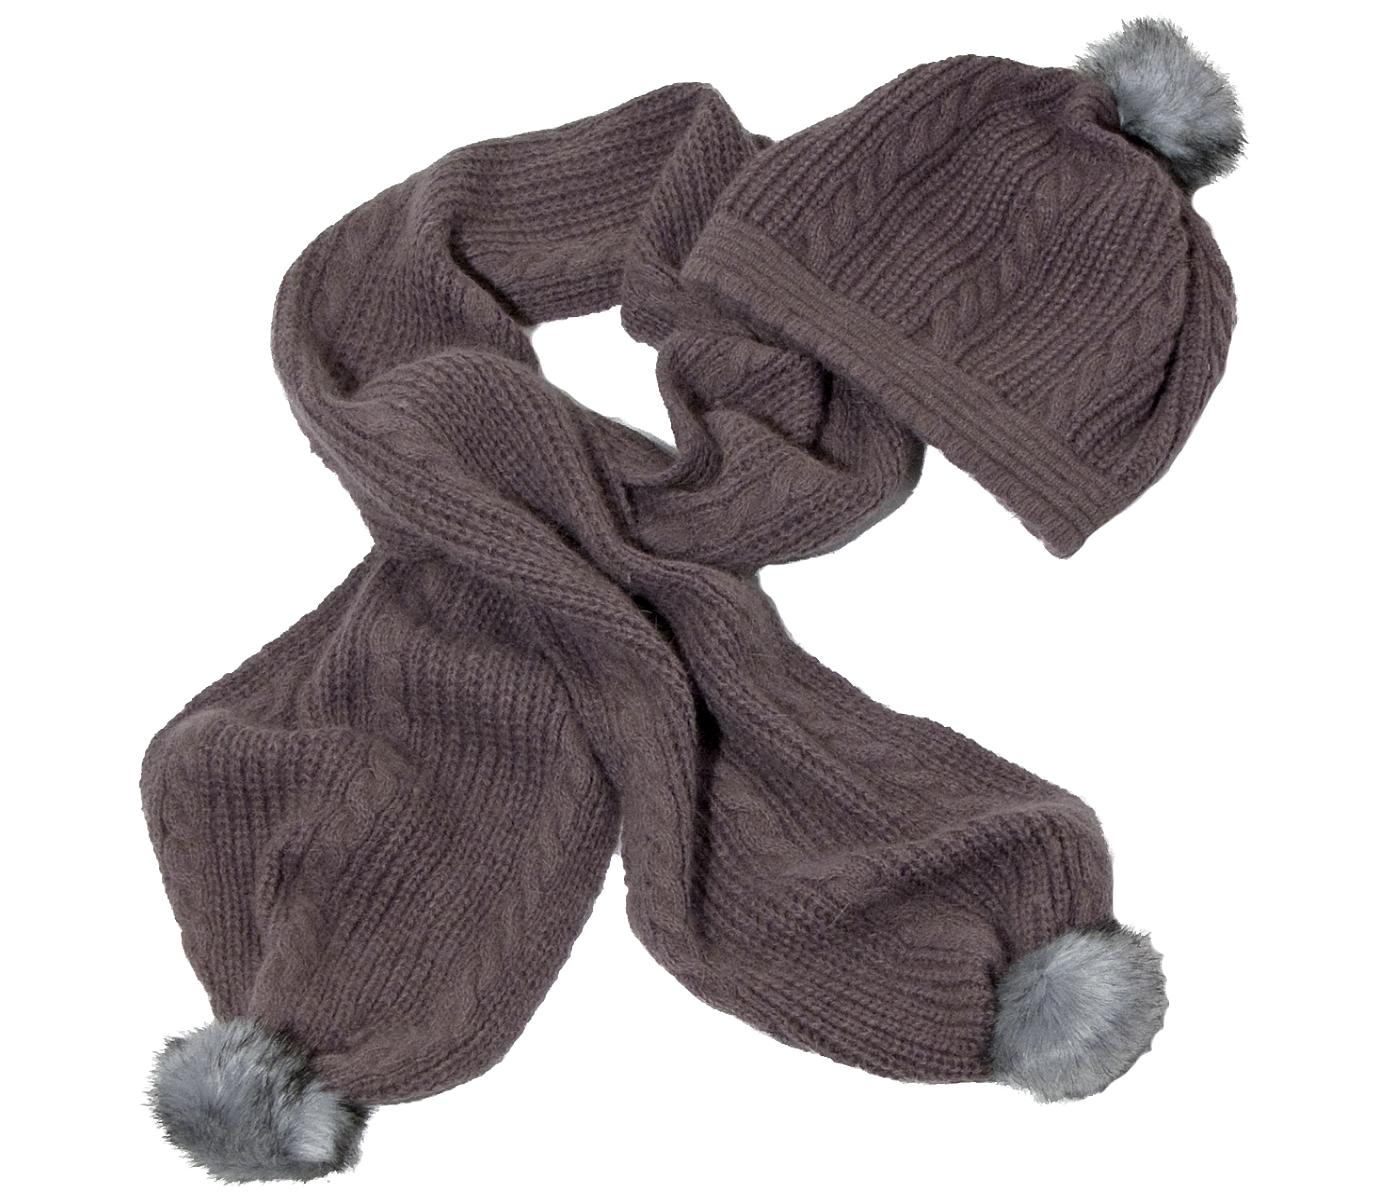 Echarpe et bonnet laine pour écharpe à volants   Congres aecg 0bb36abfee7